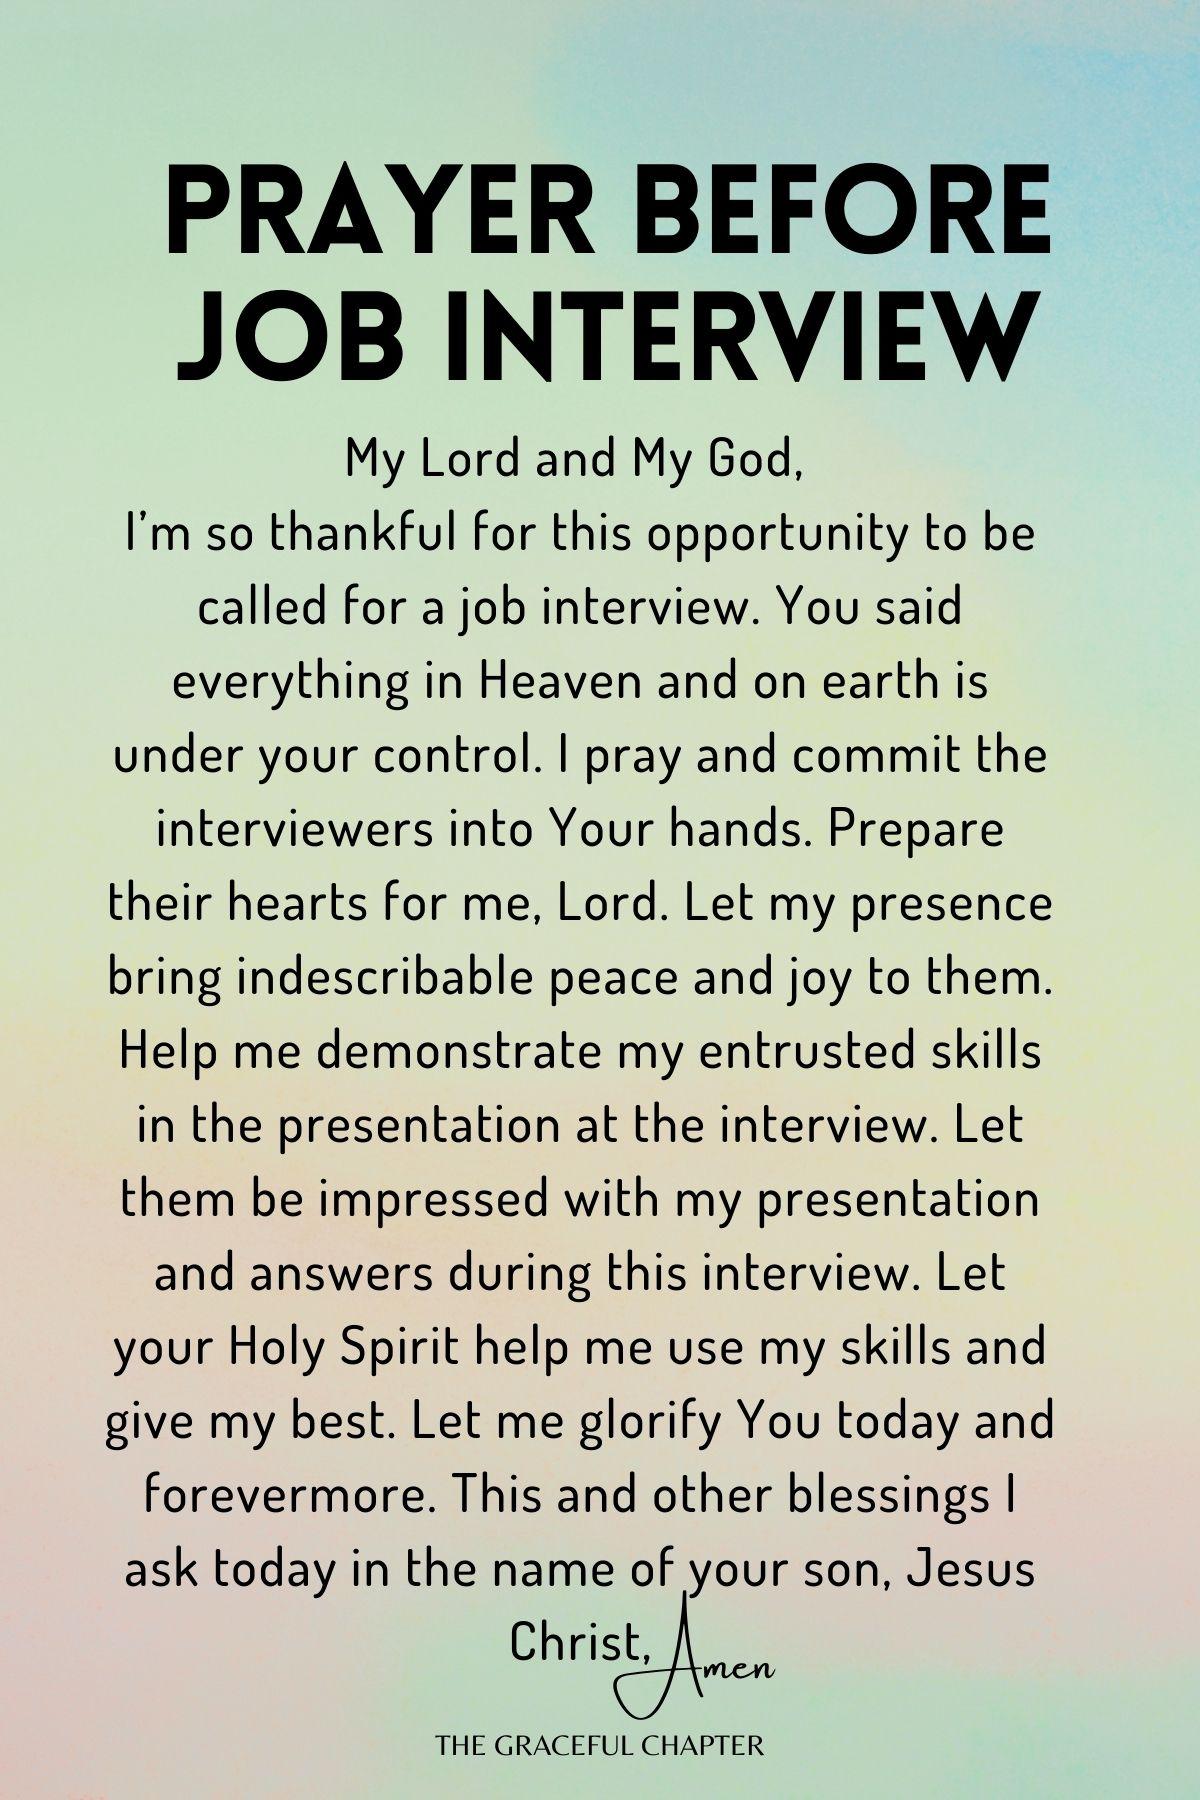 Prayer before job interview - prayers for job interview